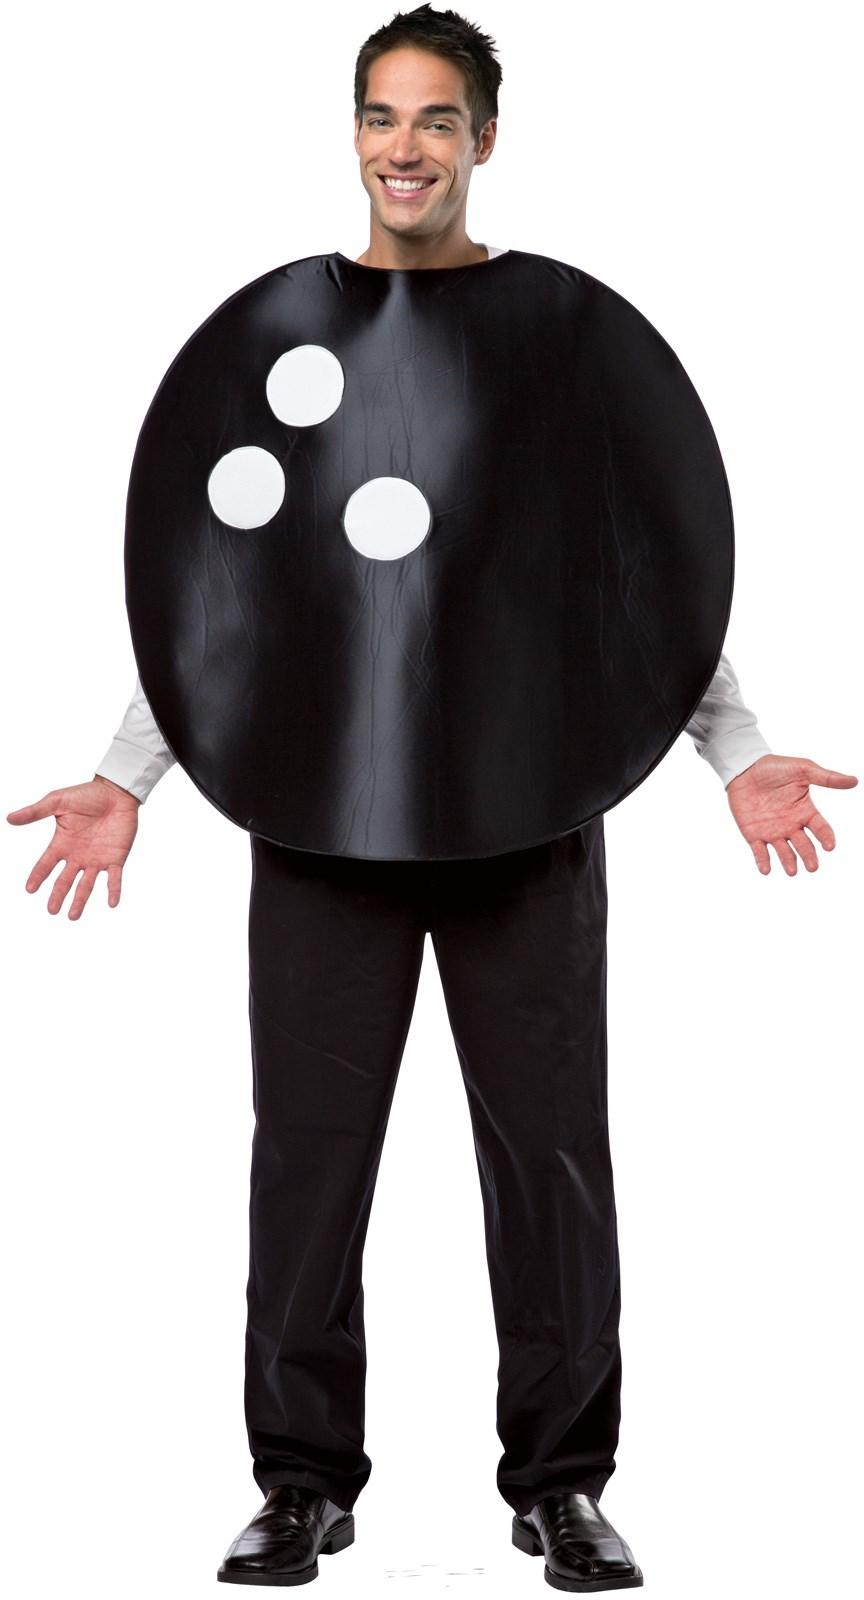 Bowling Ball Adult Tunic Costume